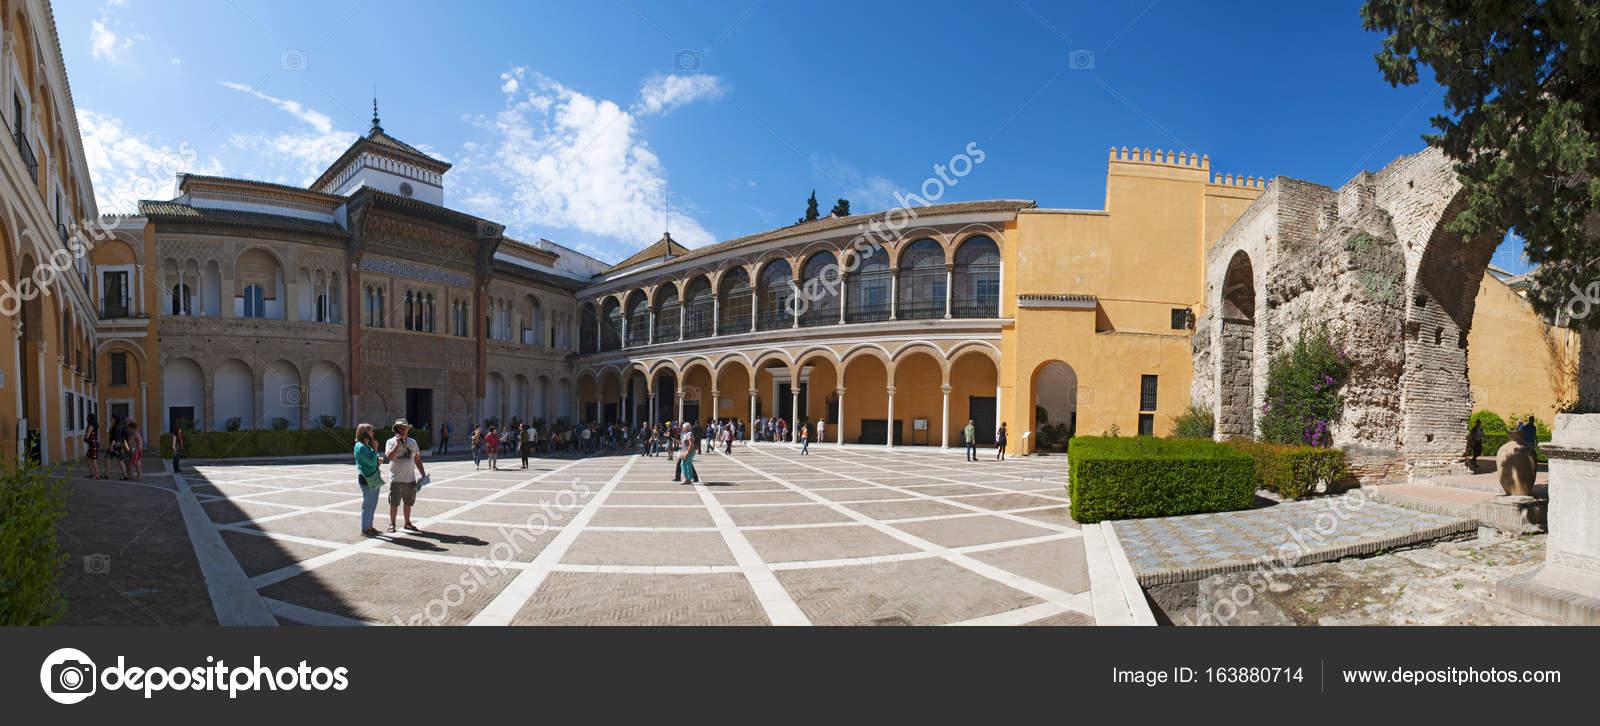 Spagna il palazzo mudejar di pedro i progettato in stile for Piani di coperta del cortile